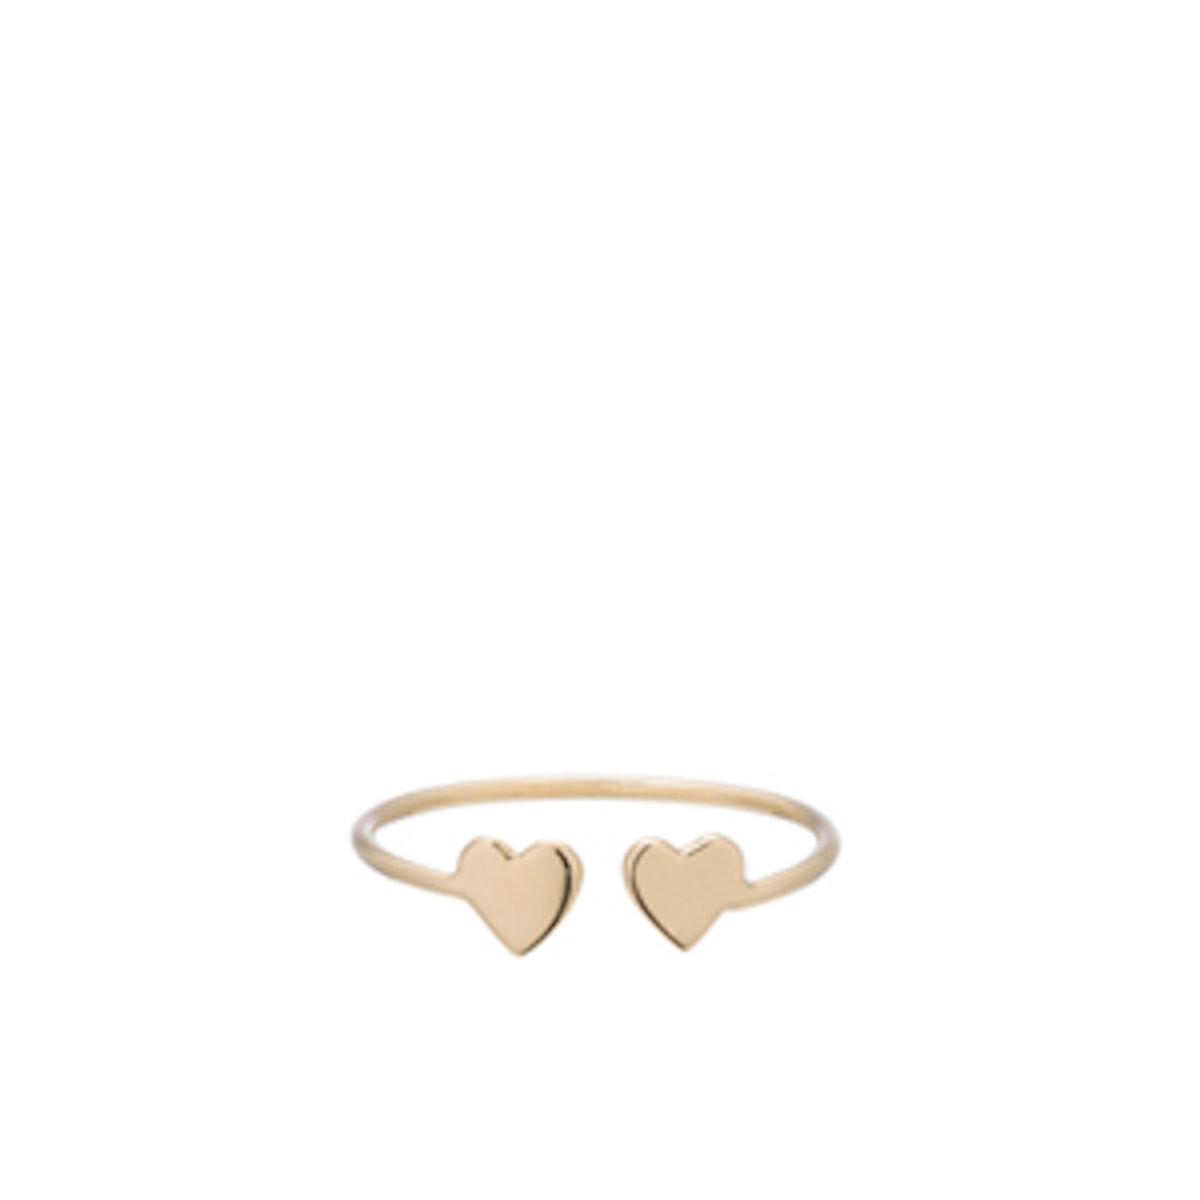 14K Yellow Gold Mini Sweetheart Ring